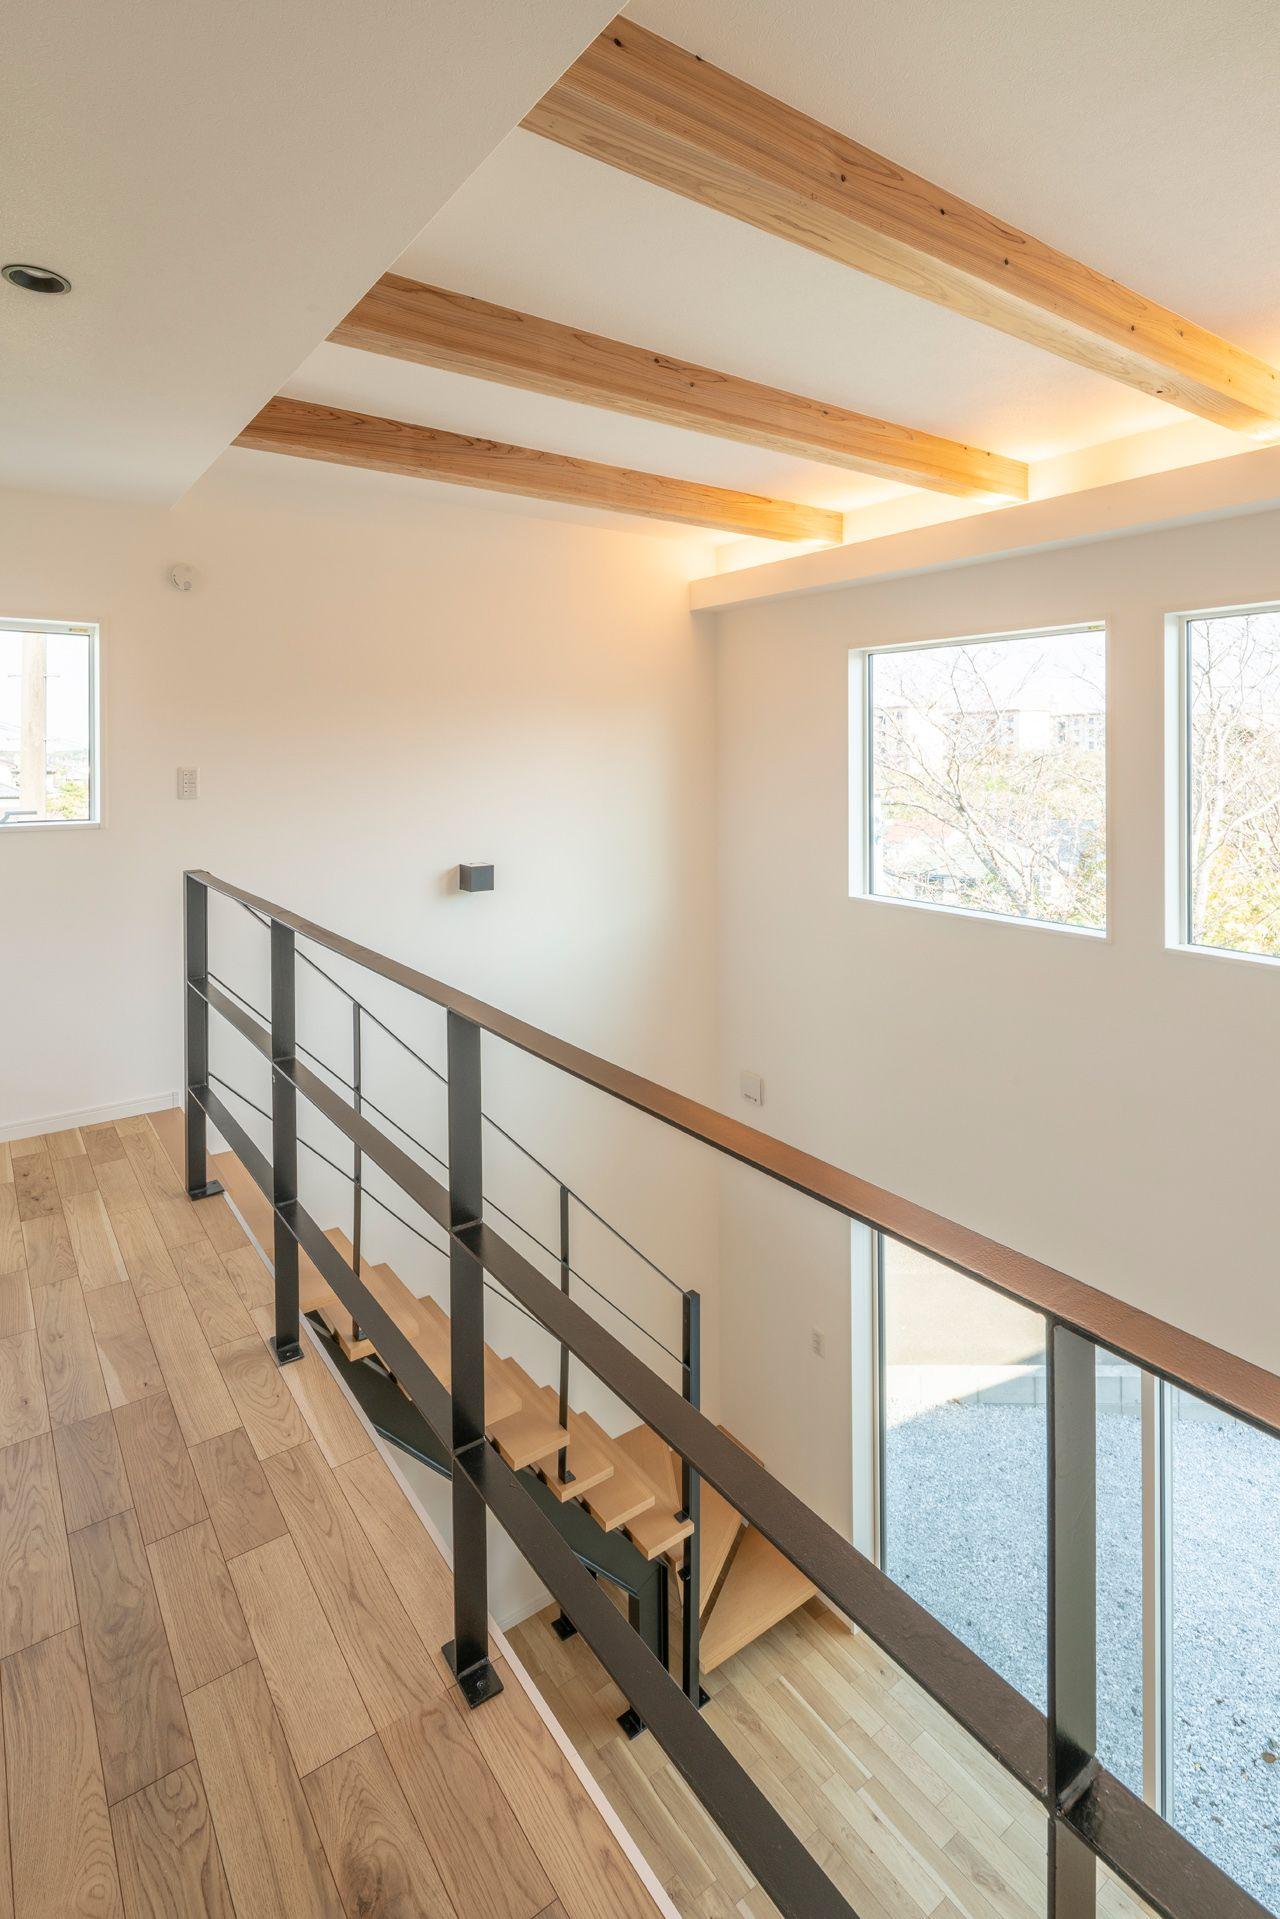 心地よいナチュラルモダンな住まい リビング階段 間取り 住宅 自宅で